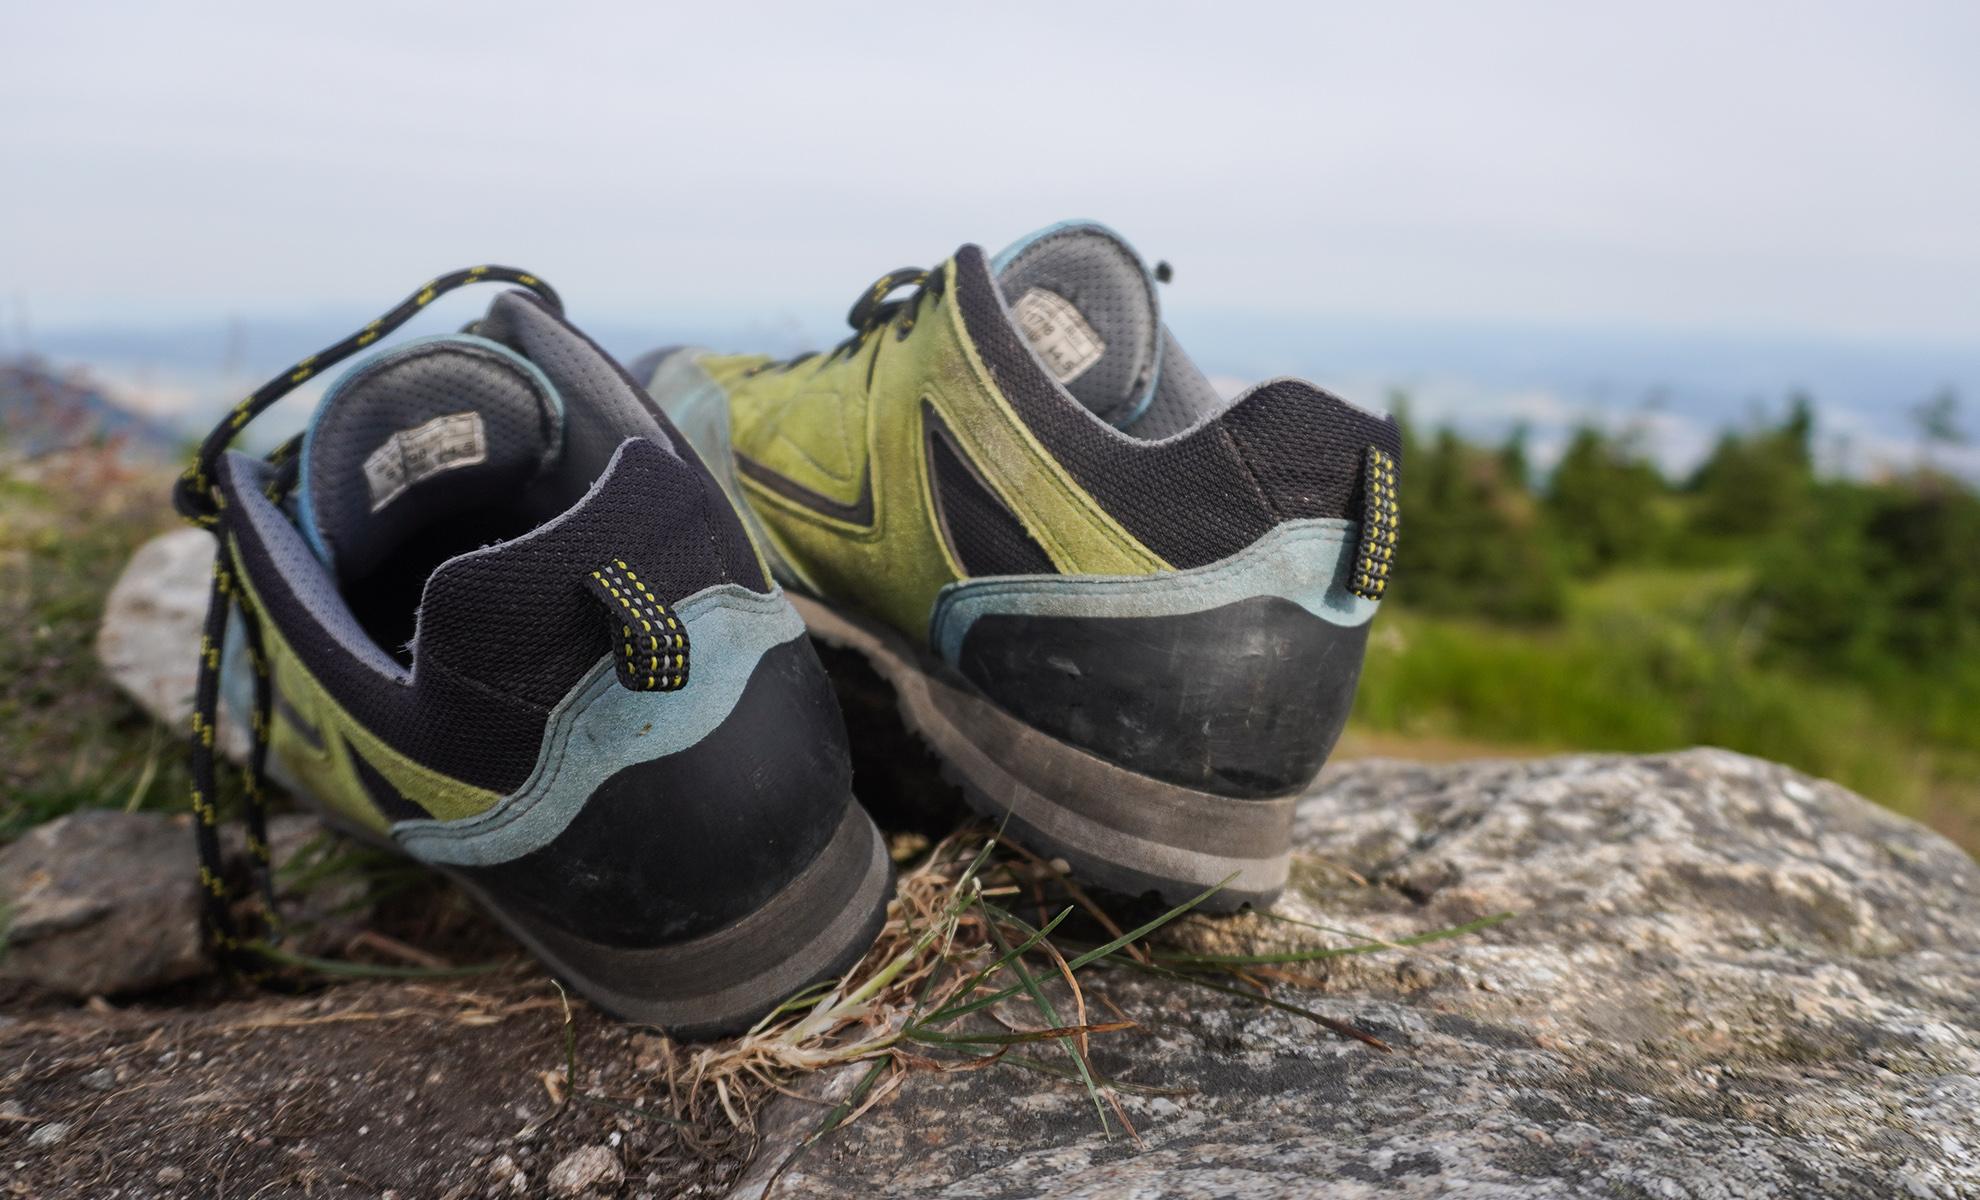 Bosp Grifit trekingové topánky majú výraznu okopovú gumu aj na zadnej časti topánky | recenzia